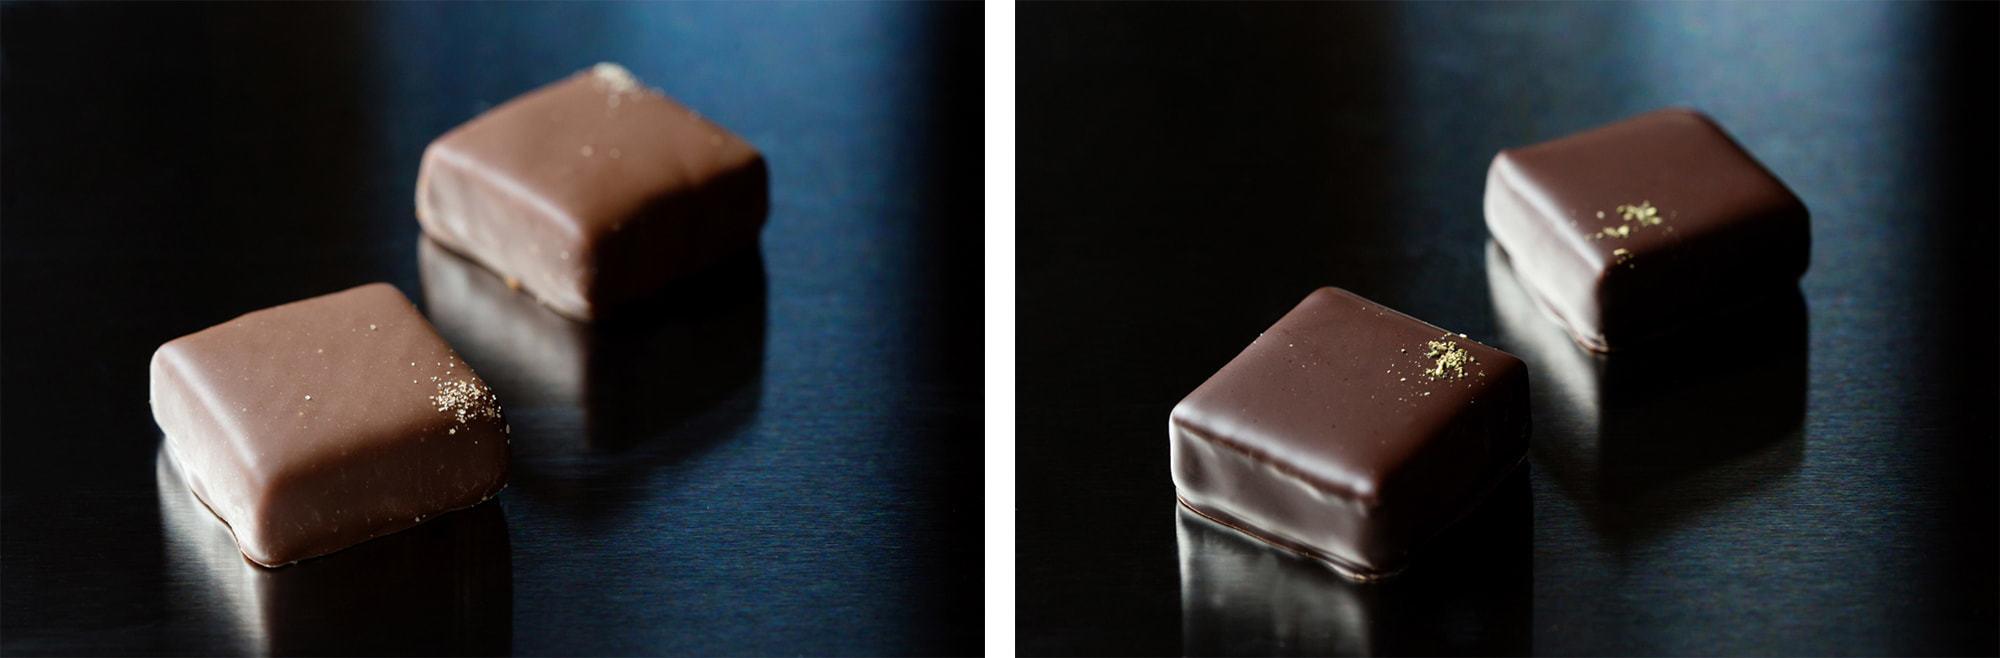 写真左から、ミルクチョコレートに特殊な製法で燻製香をとじこめた「スモーク」とみどりのダイヤと呼ばれるぶどう山椒の清涼感ある風味広がる「ぶどう山椒」。各250円(税別)